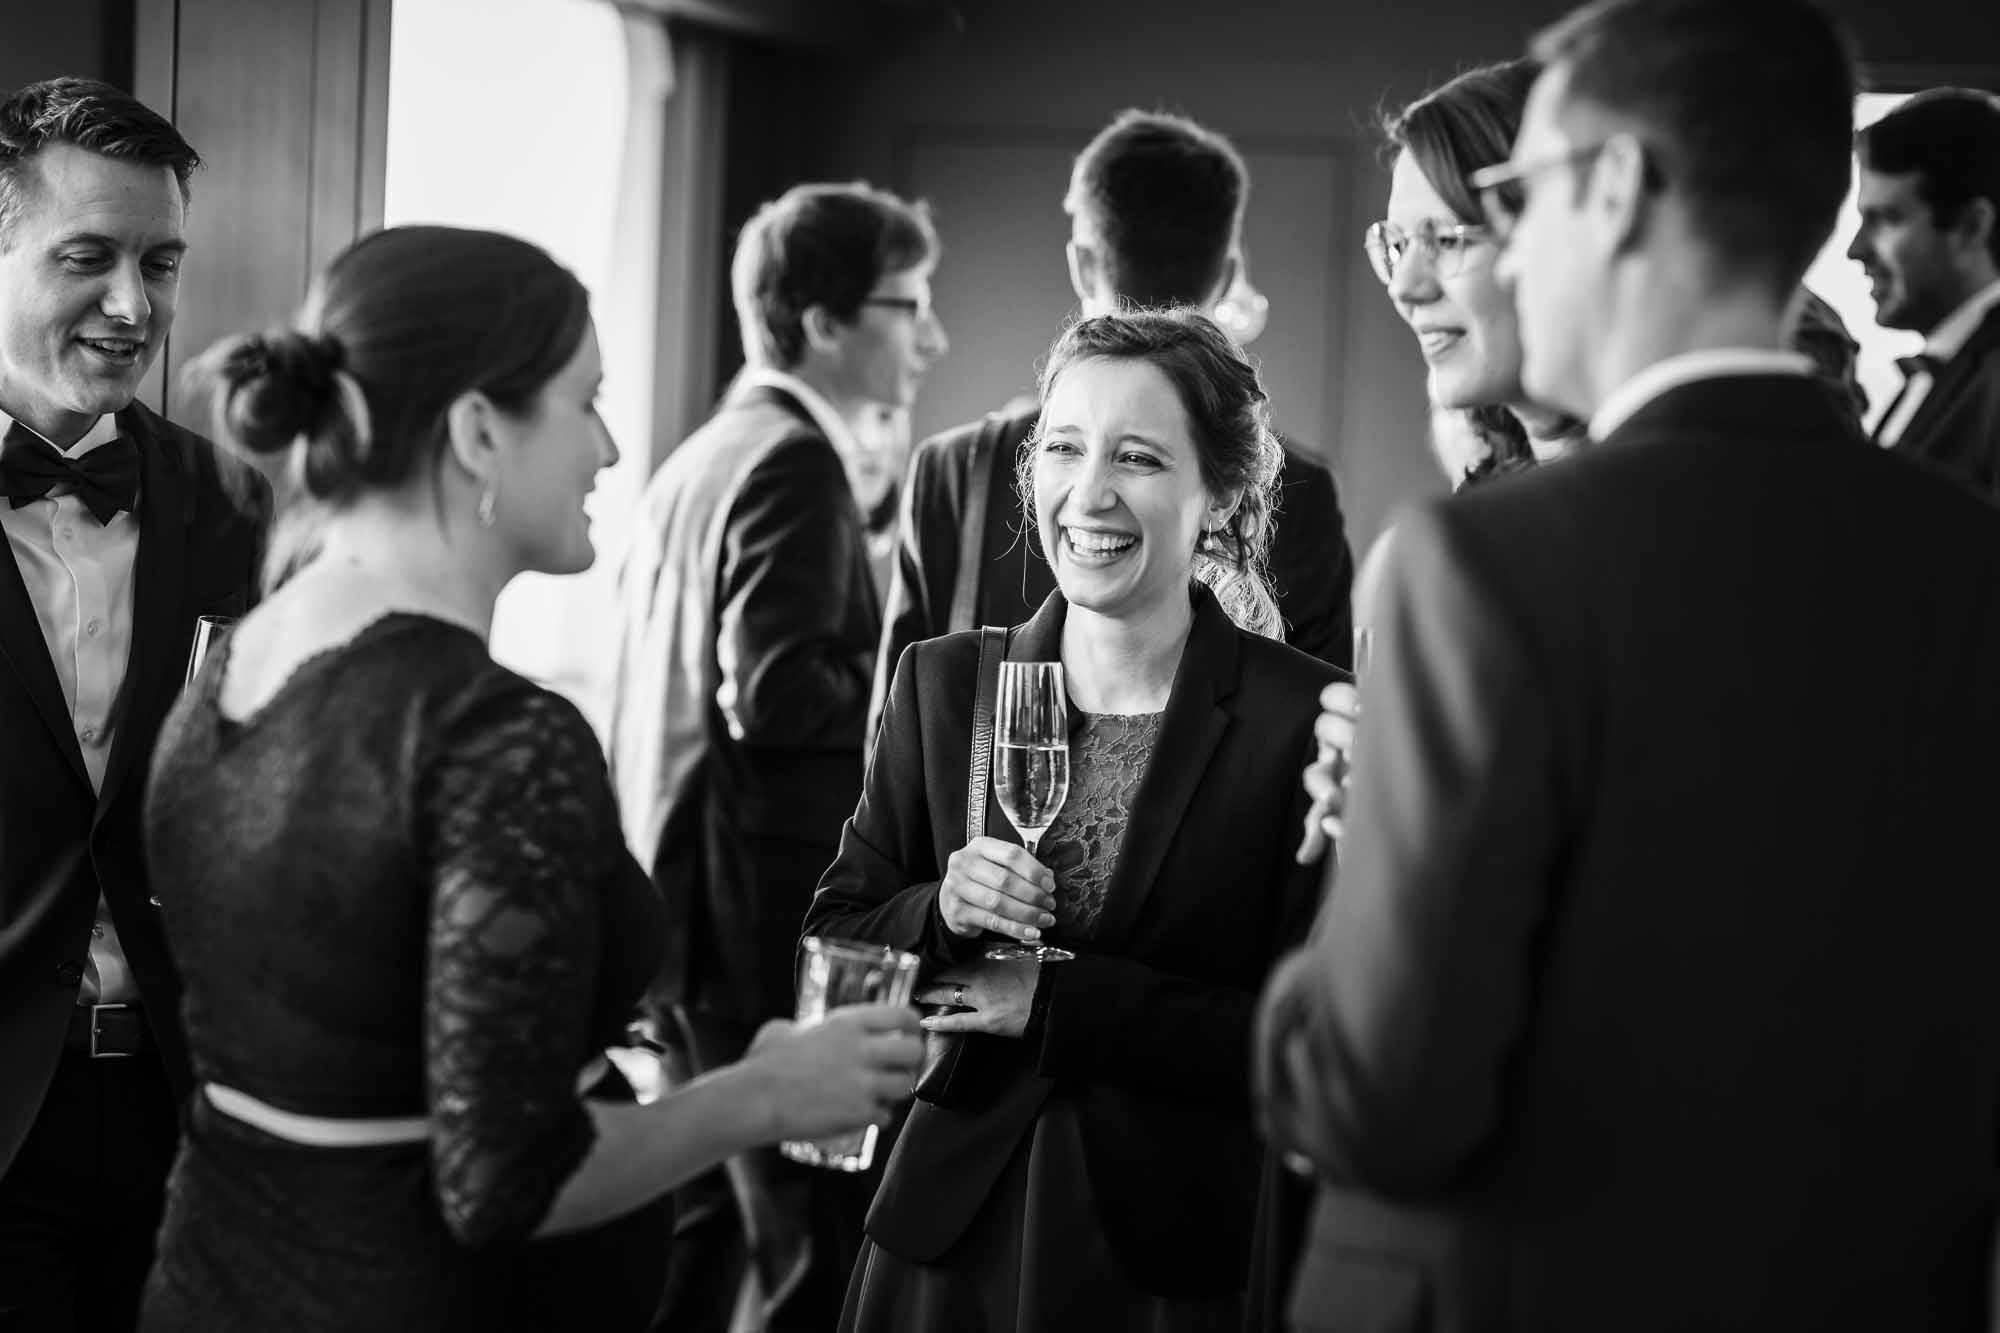 Gäste lachen während Hochzeitsapéro auf Schiff